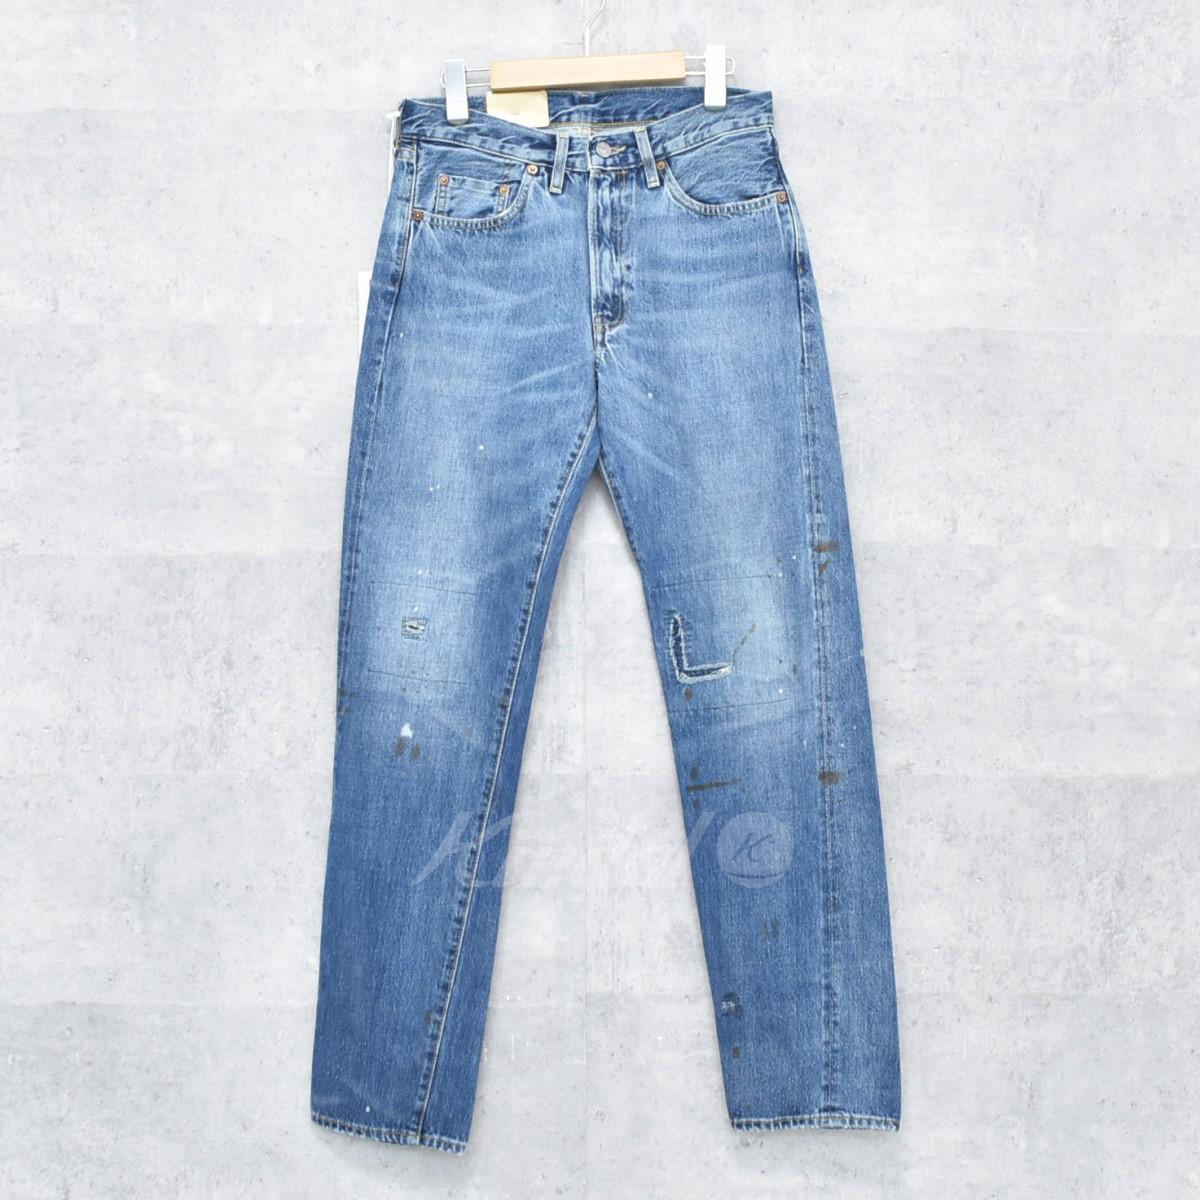 【中古】LEVIS VINTAGE CLOTHING LOT 50154ダメージ加工デニム 【送料無料】 【259067】 【KIND1550】